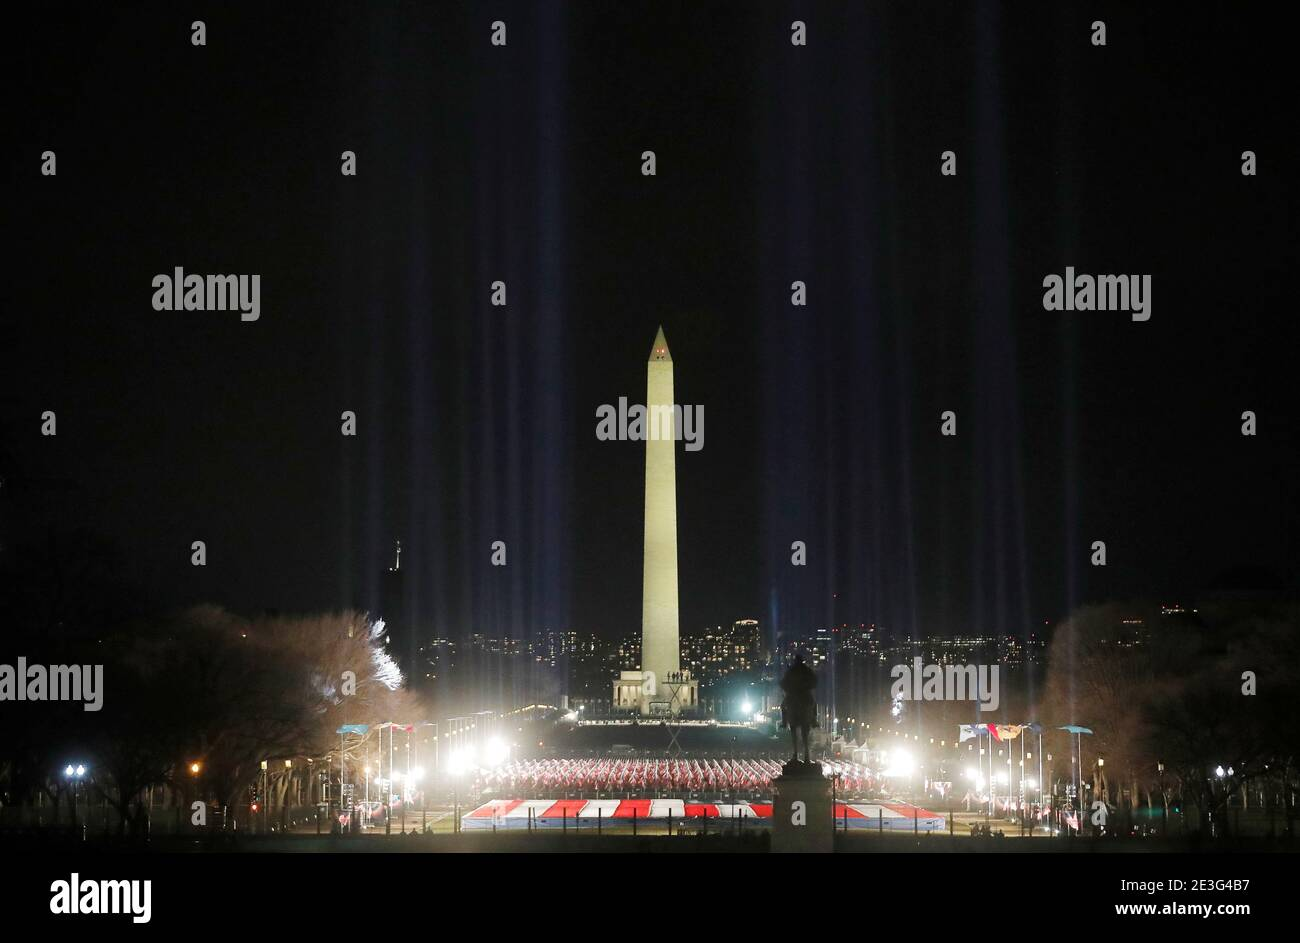 """Spotlights beleuchten den Himmel vom """"Feld der Flaggen"""" auf dem US-Einkaufszentrum zu Ehren der bevorstehenden Einweihung des designierten US-Präsidenten Joe Biden in Washington, USA, 18. Januar 2021. REUTERS/Jim Bourg Stockfoto"""